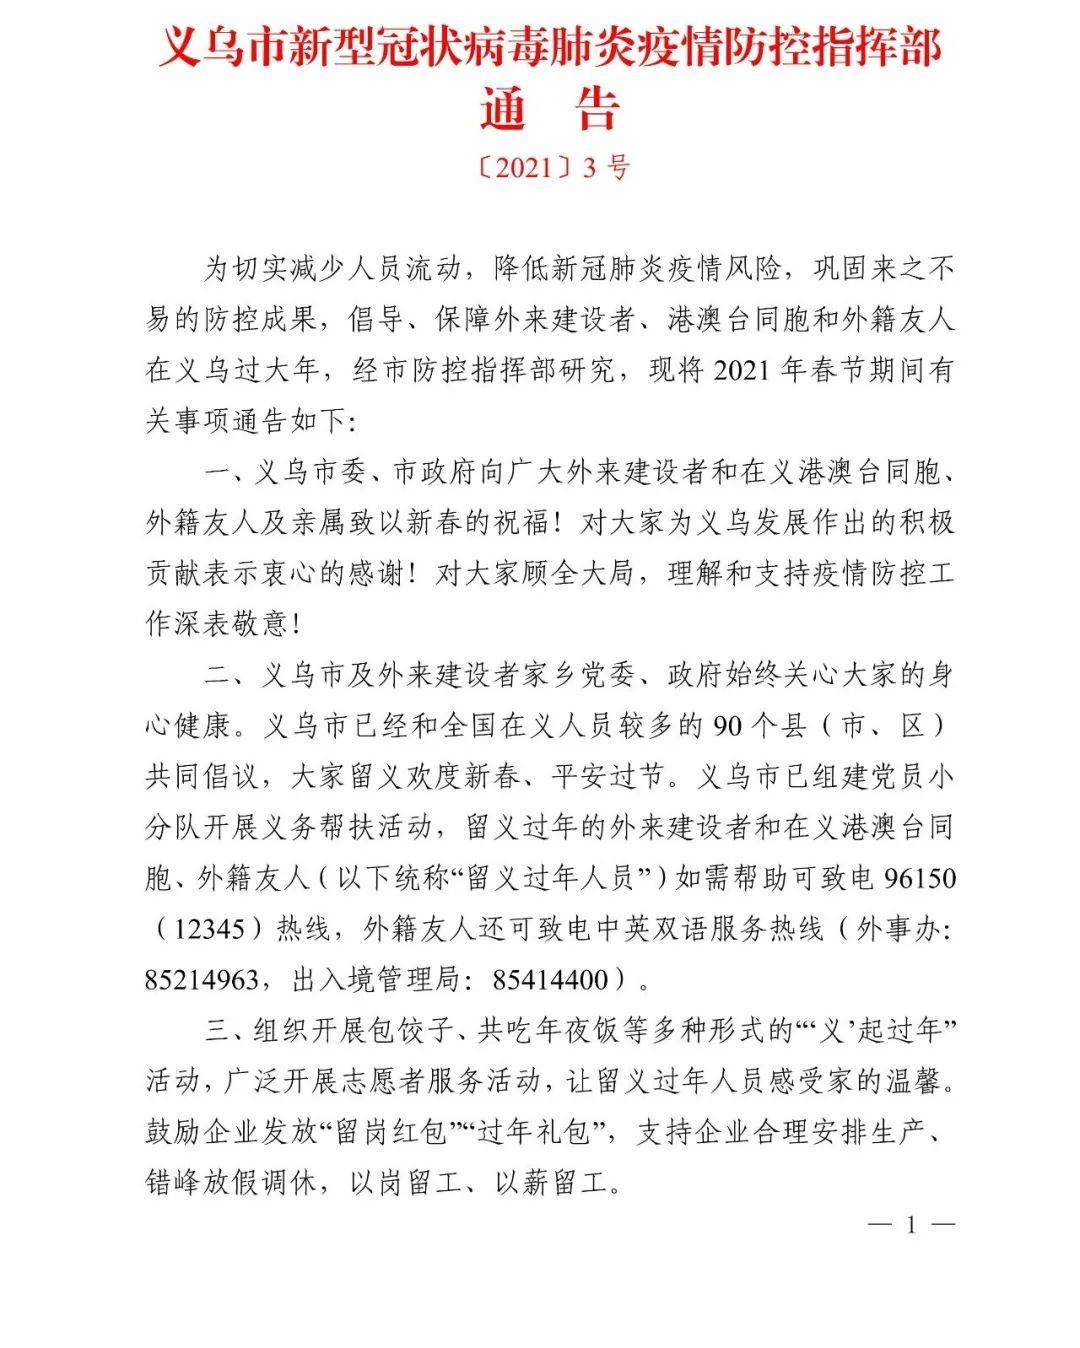 静宁县人民政府网_鞍山铁通千山影院_天使公主